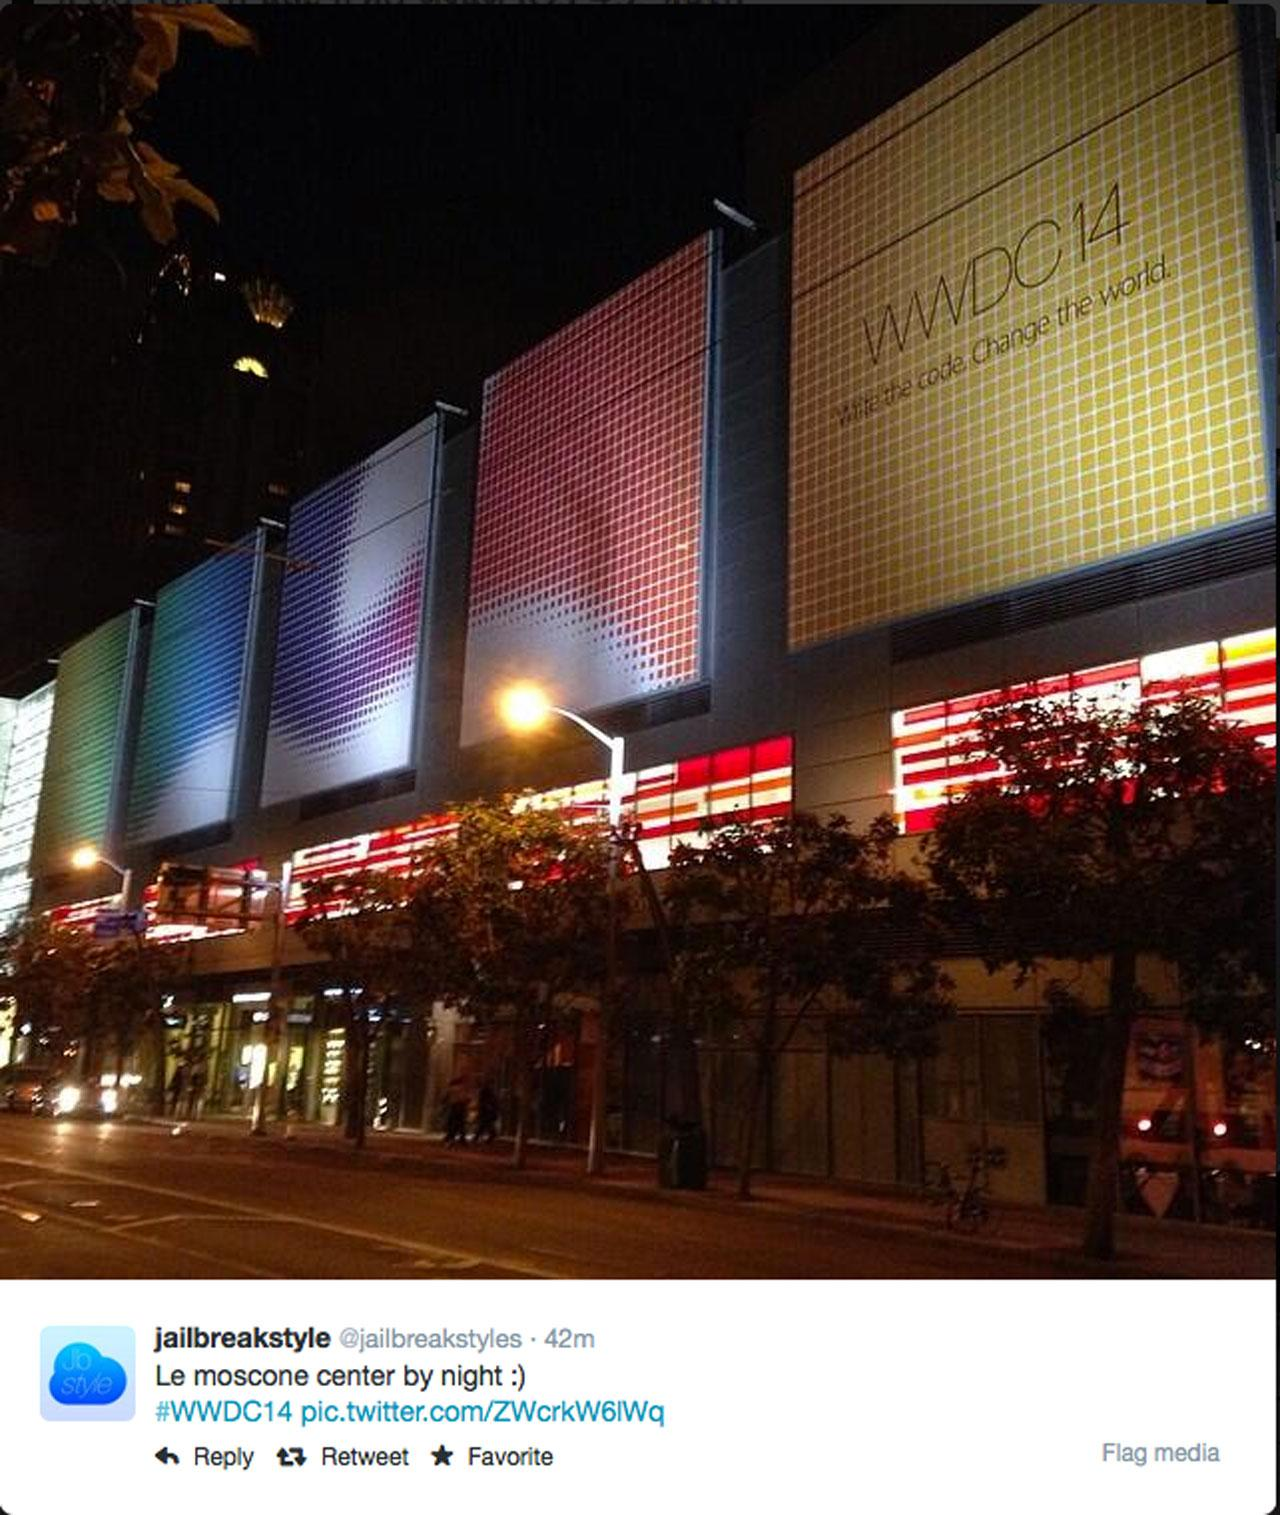 ซานฟรานซิสโก หน้าอาคารที่จัดงาน WWDC 2014 ยามค่ำคืน